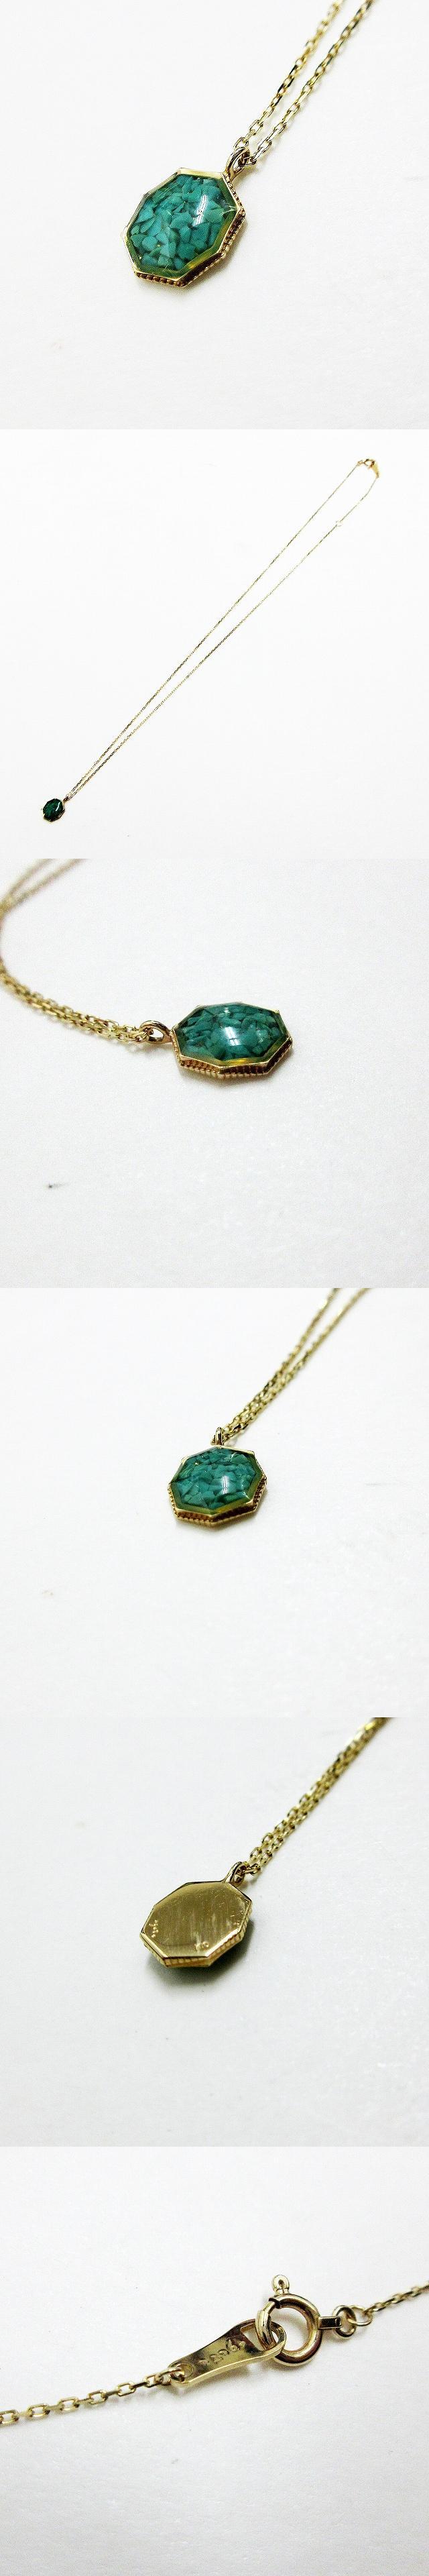 K10 金 ゴールド ネックレス 青 ブルー系